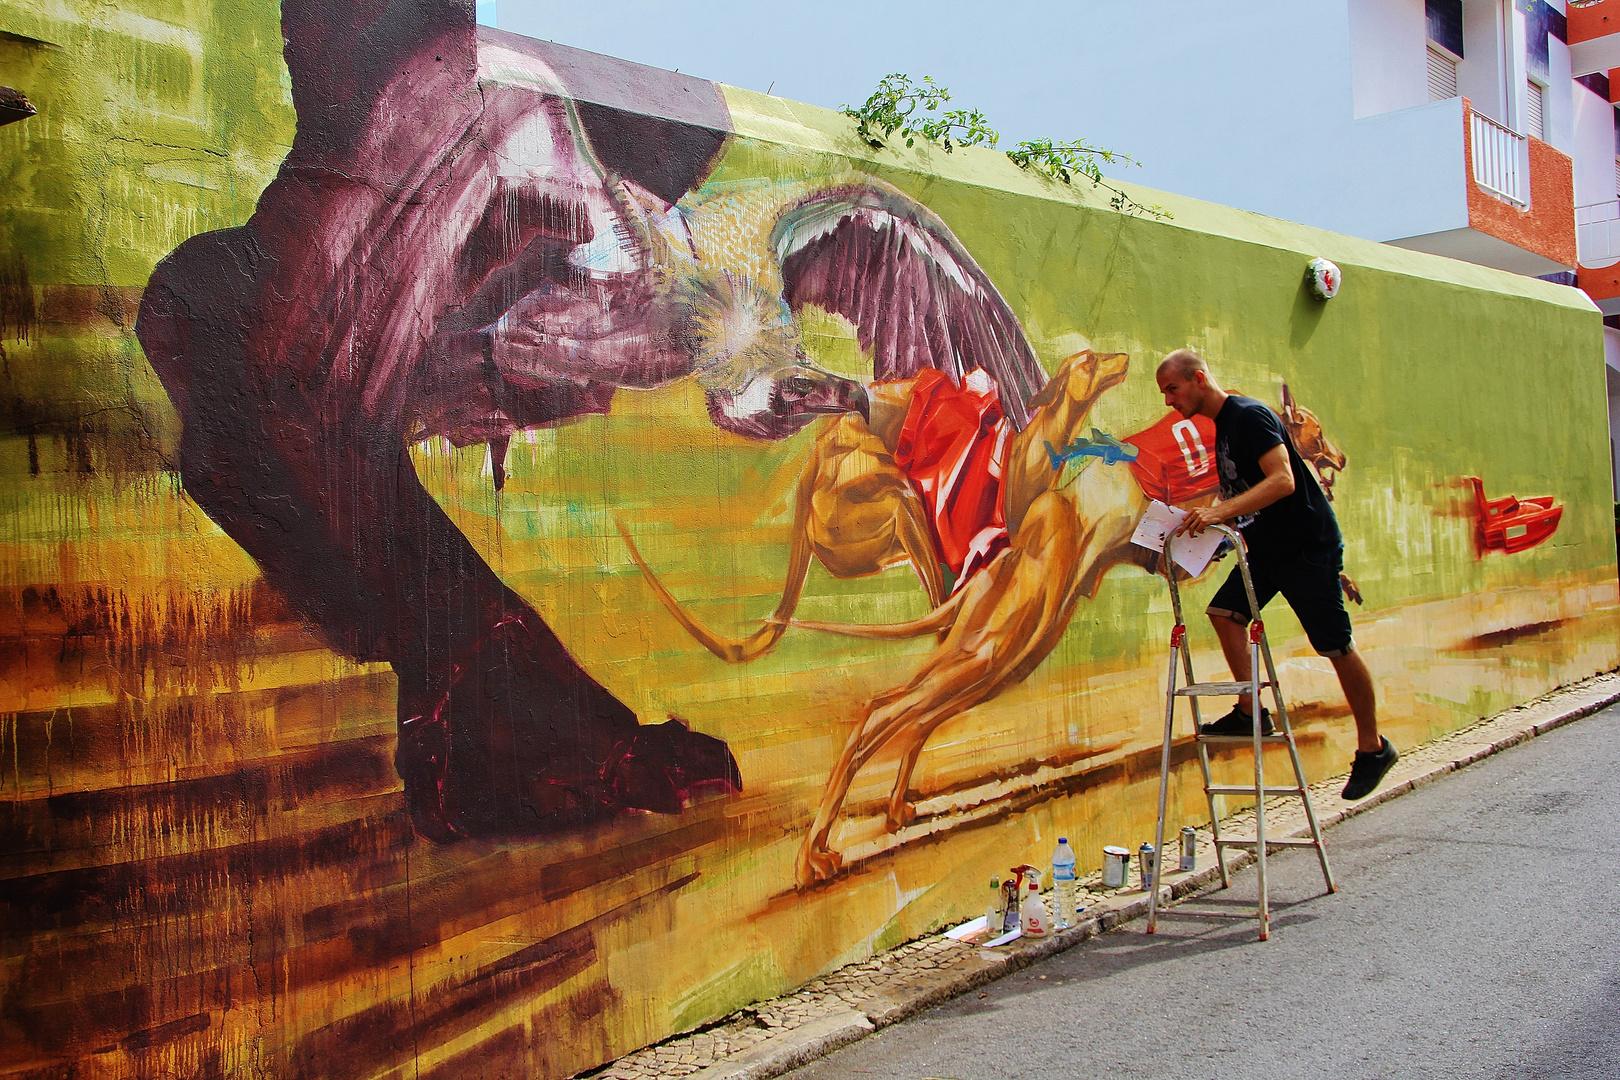 Streetart in Lagos